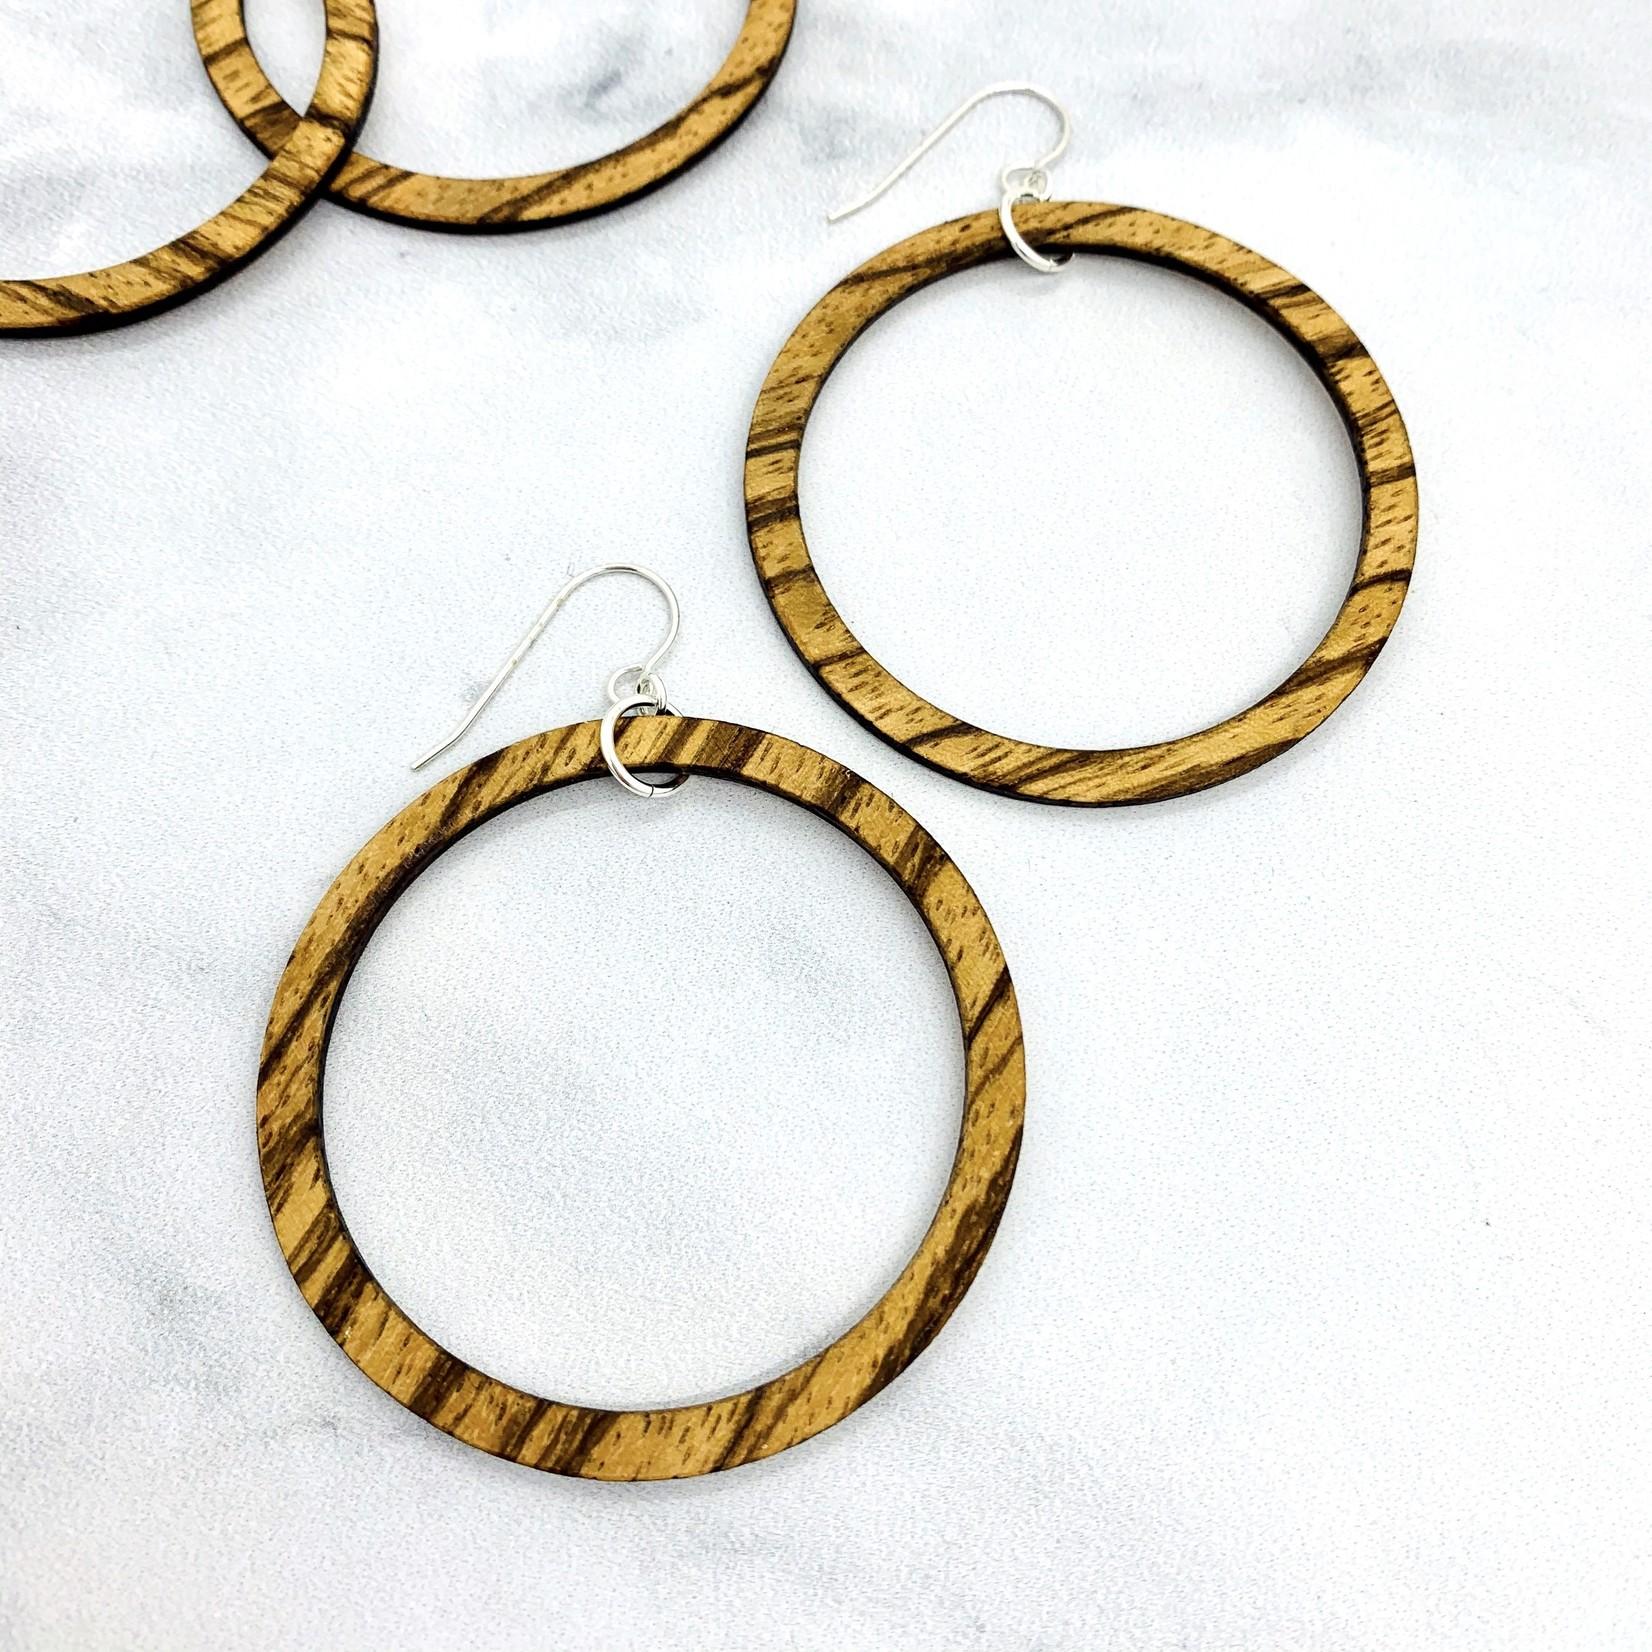 Striped Wood Hoop Earrings